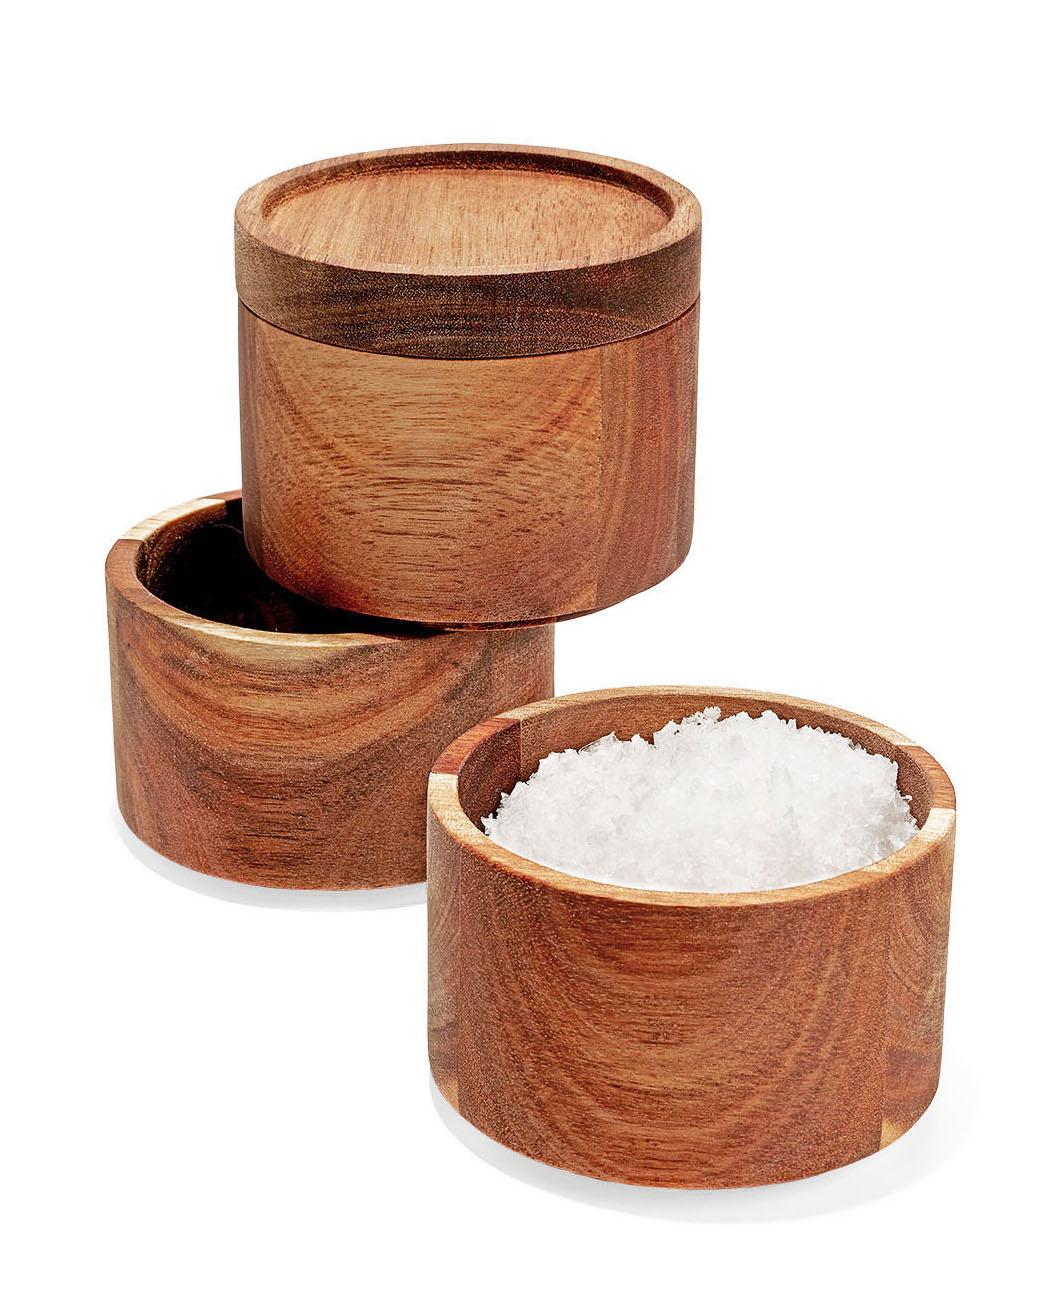 three wood stacking salt boxes